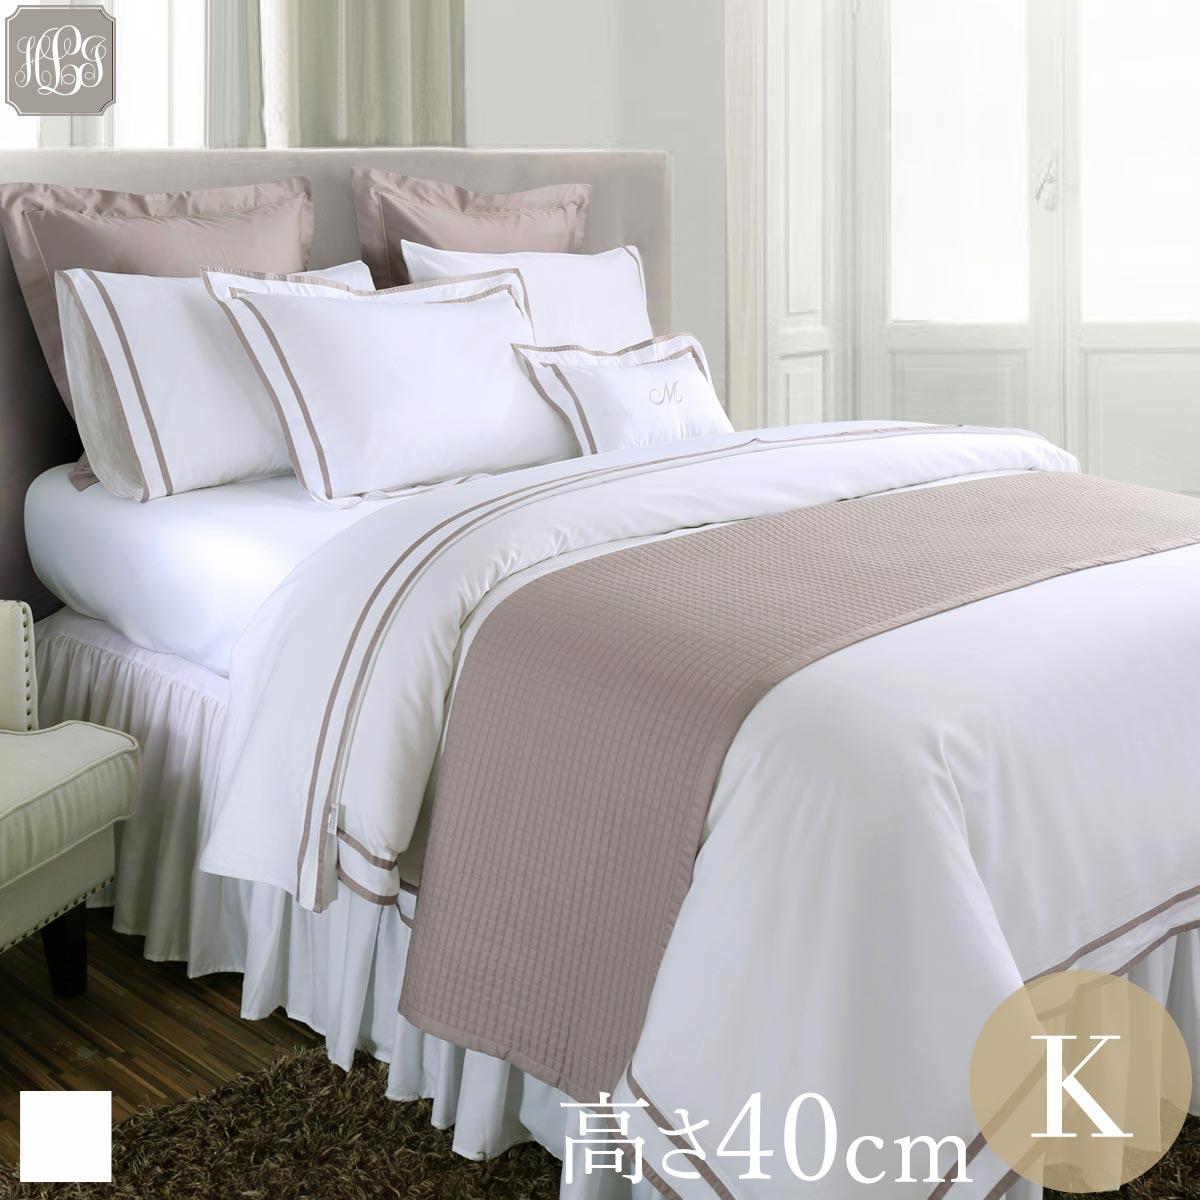 キング 180×200cm 高さ40cm ボックスシーツ 無地ホワイト ラインなし ・ 400TC ホテル 綿100%